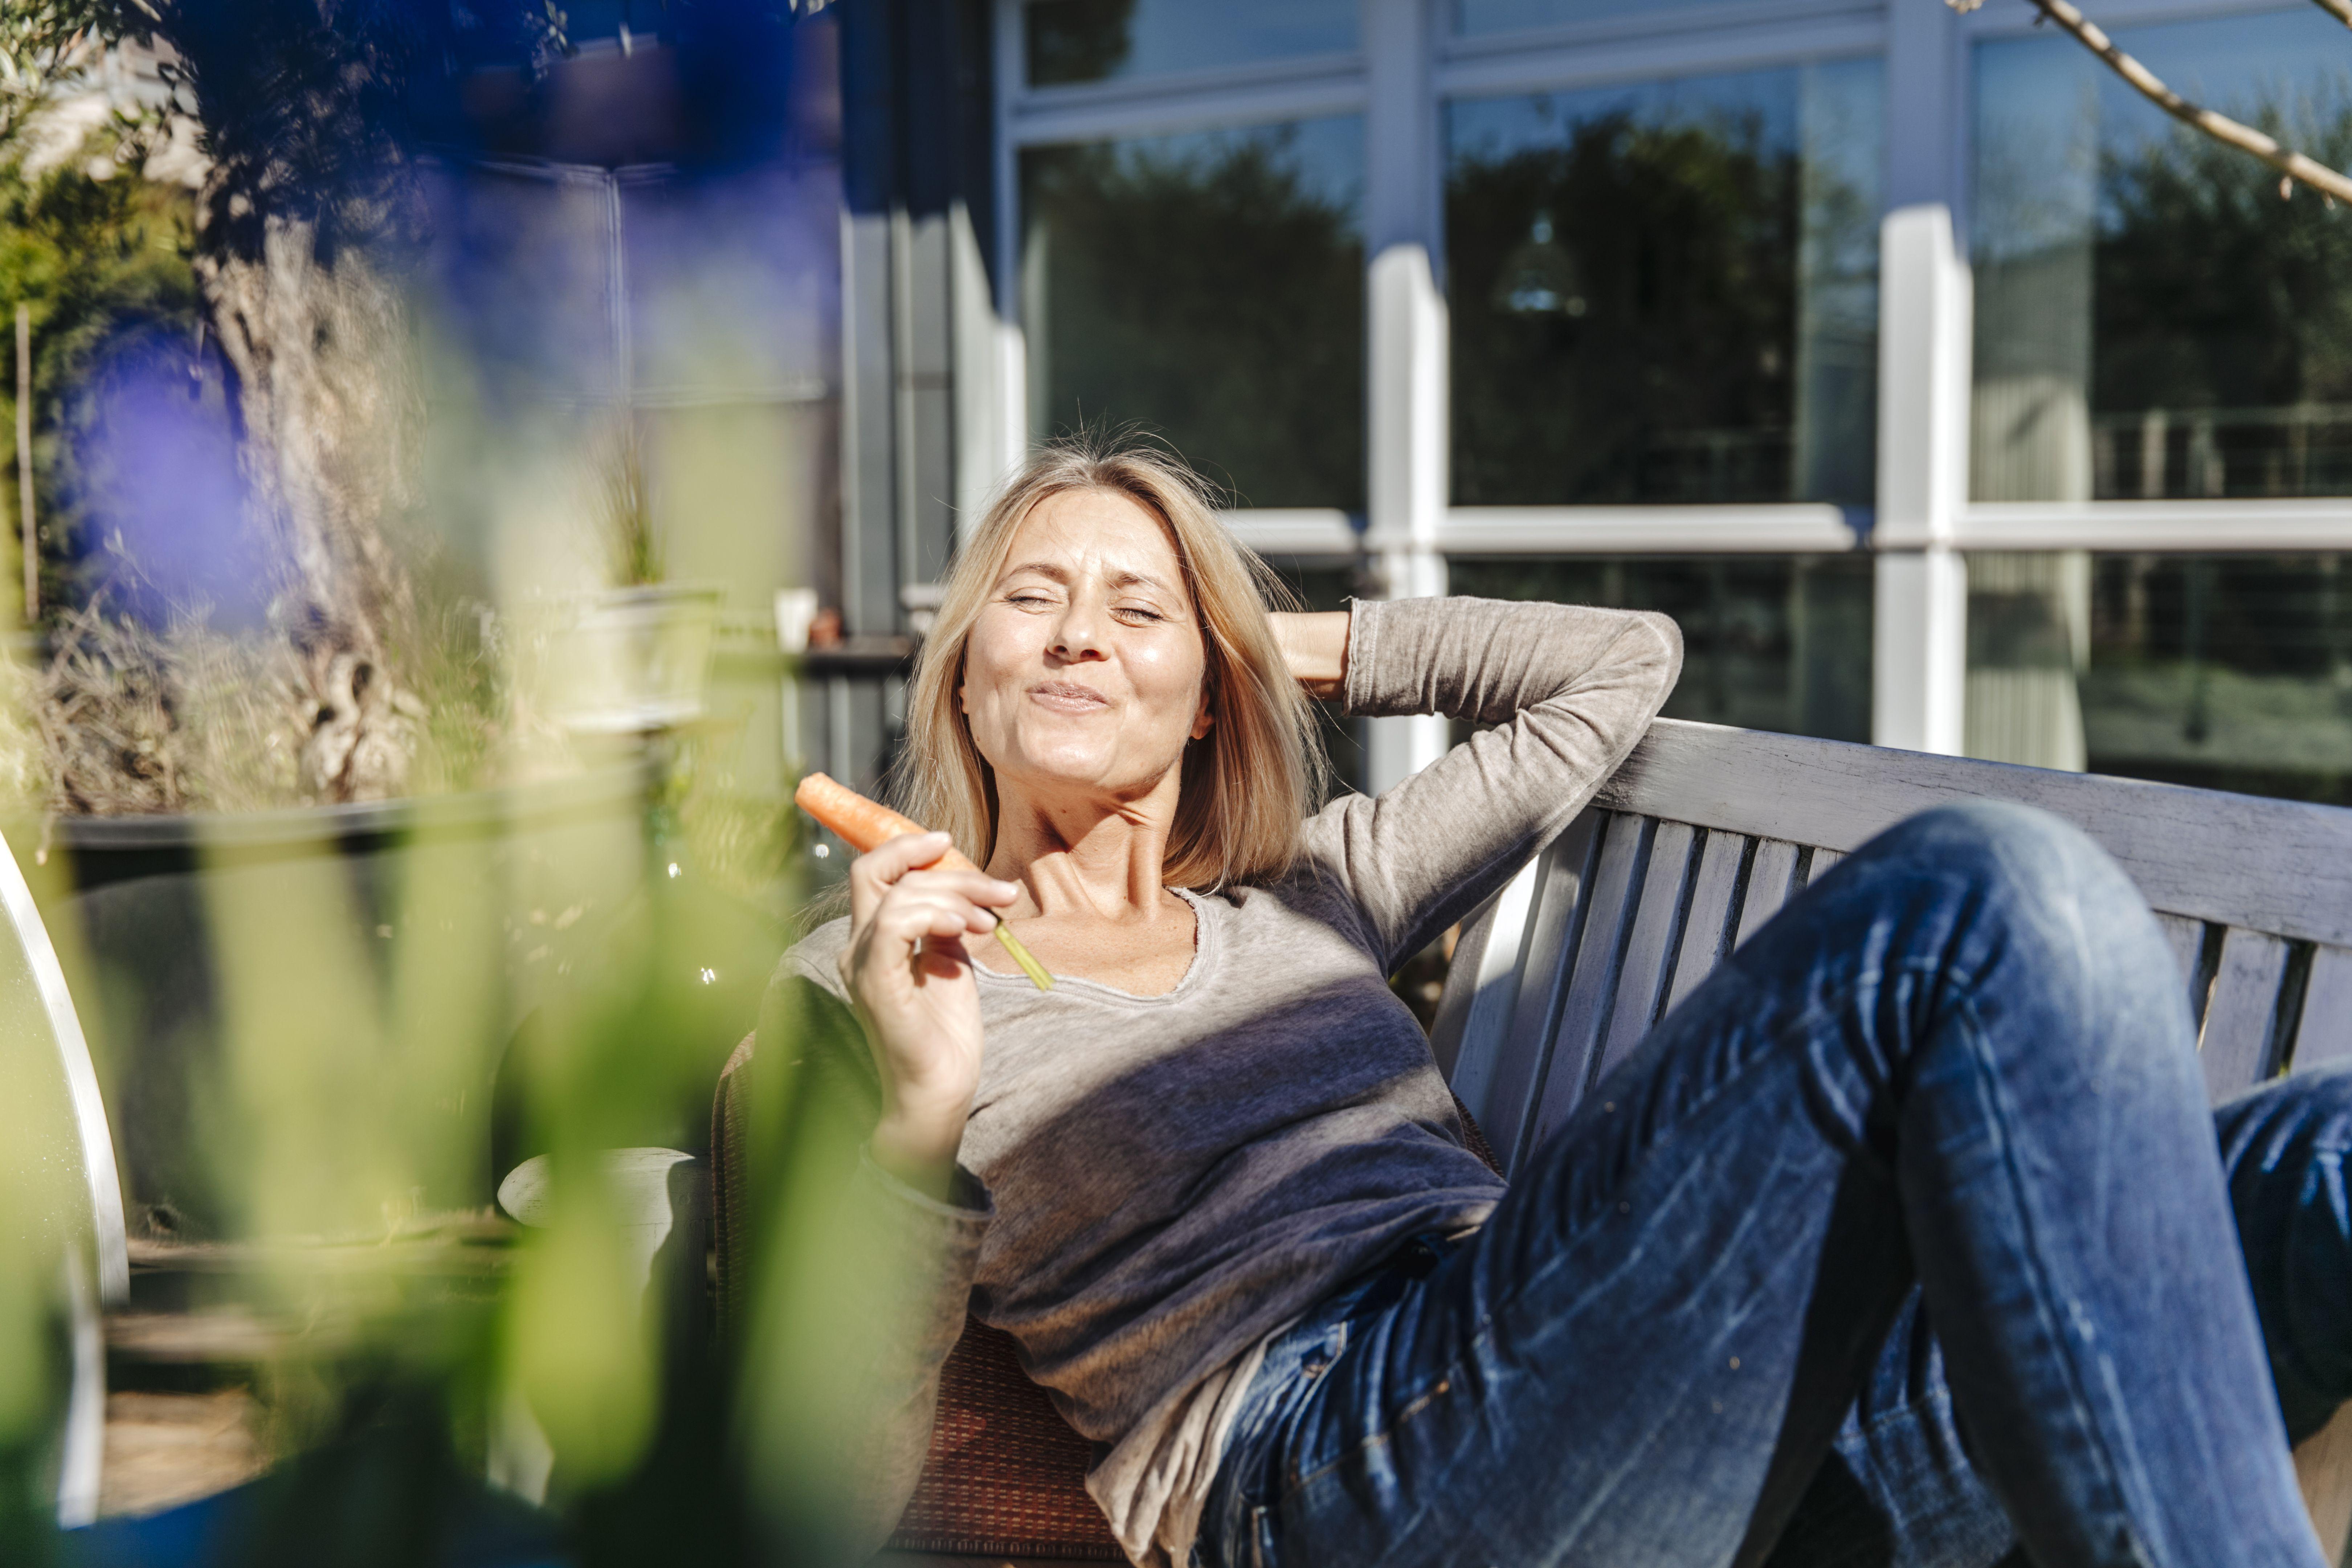 Mujer descansando en un banco del jardín comiendo una zanahoria